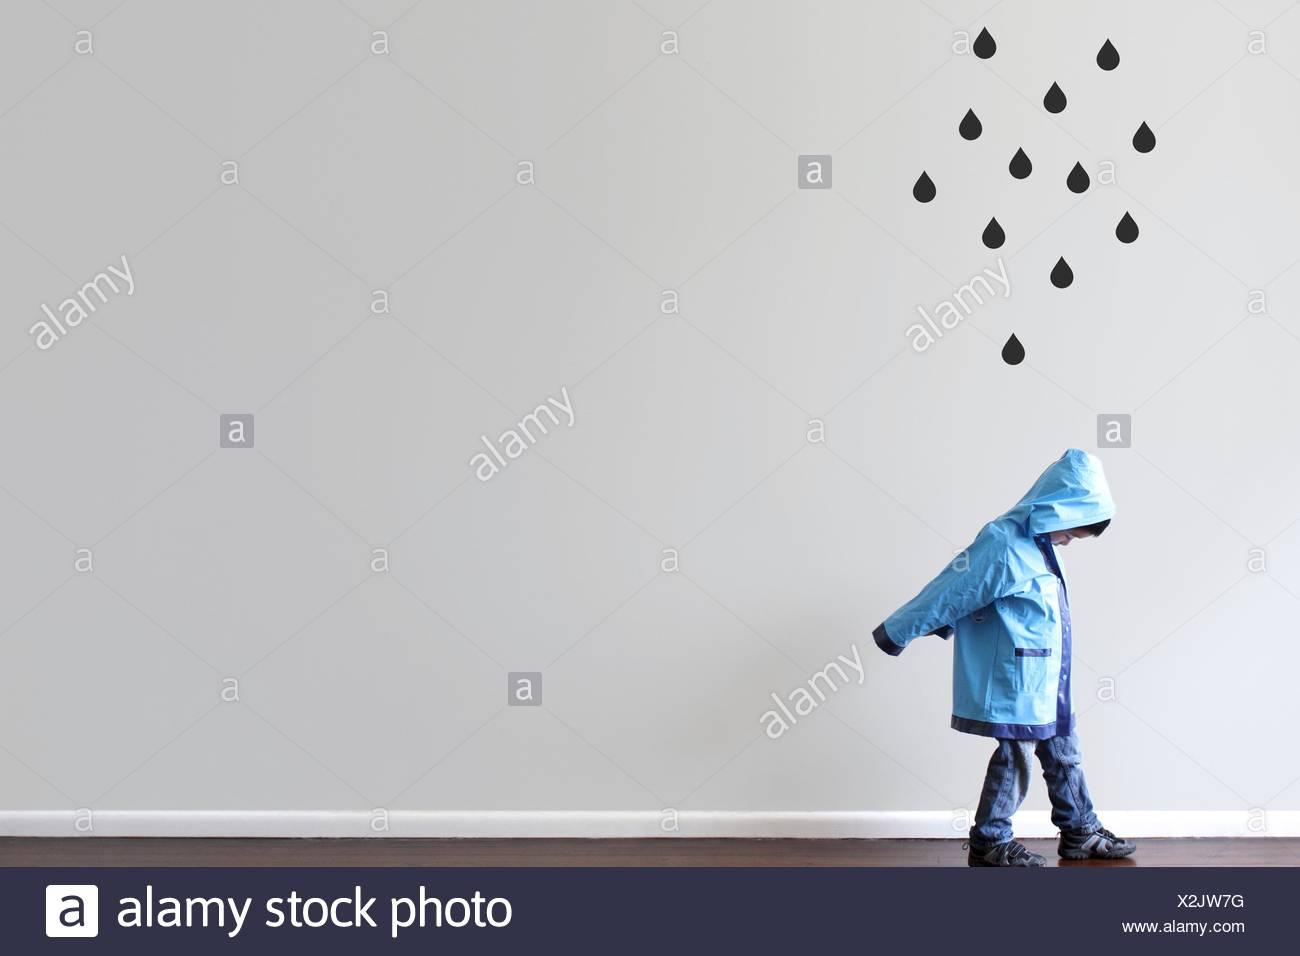 Ragazzo in impermeabile a camminare lungo una parete con gocce di pioggia nero dipinto sul muro Immagini Stock